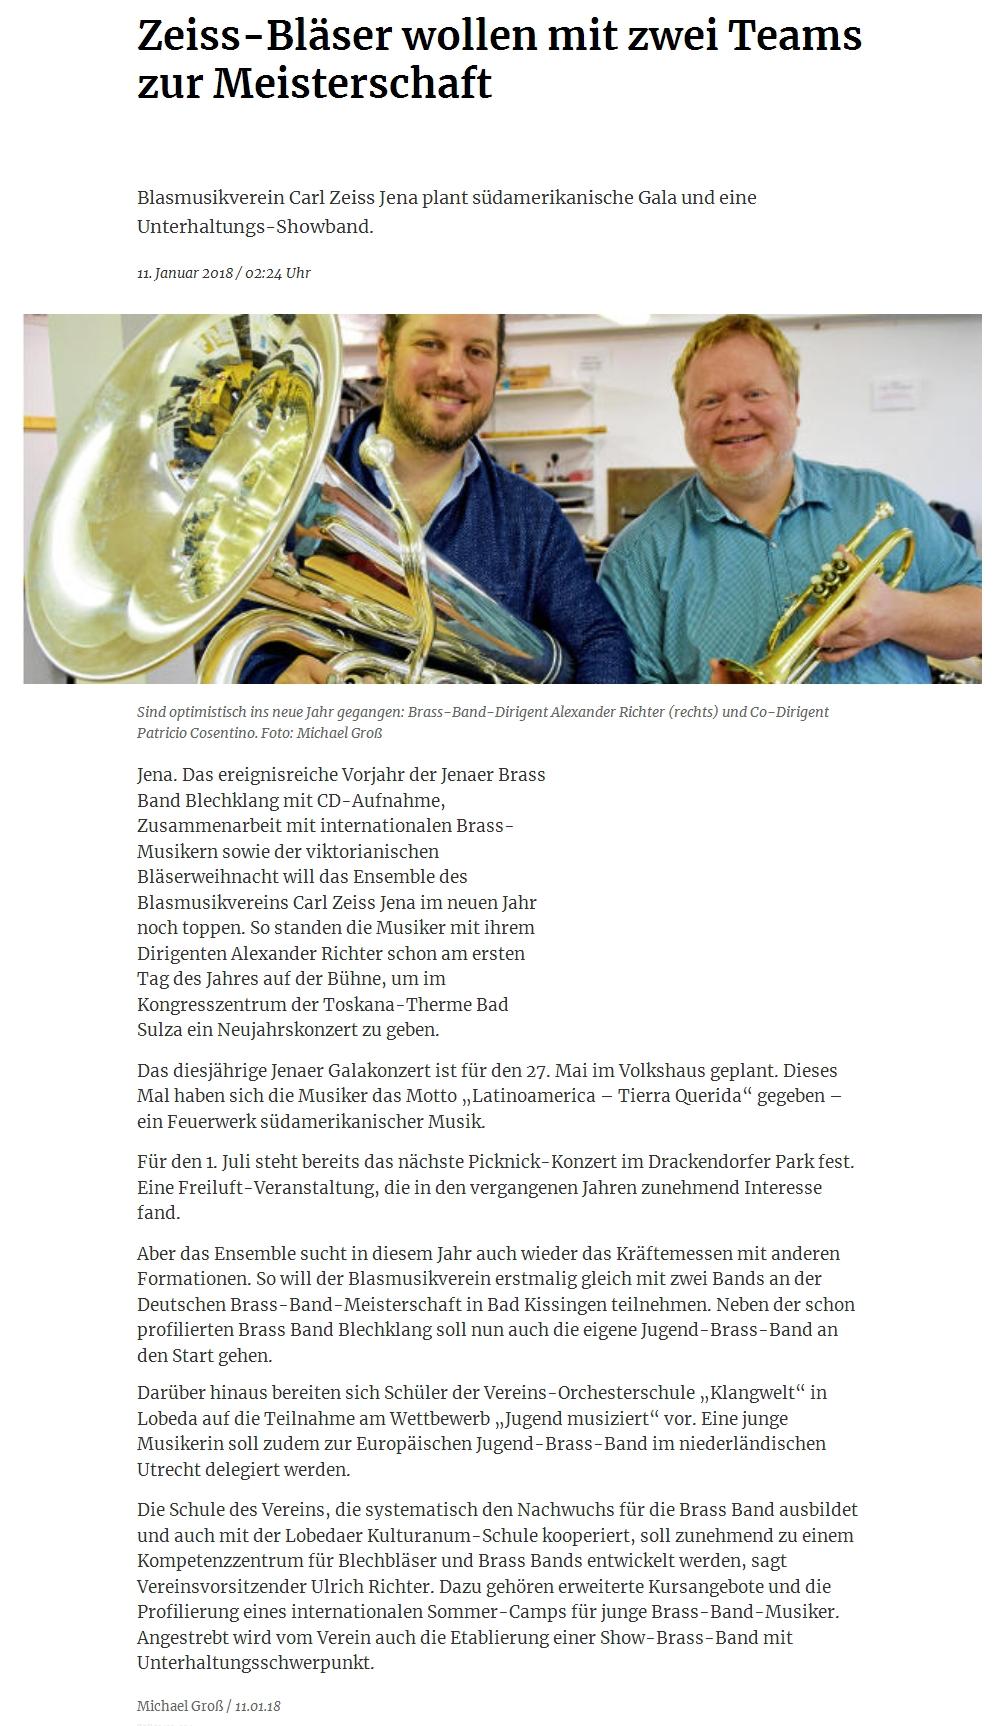 Artikel OTZ Pläne der Brass Band BlechKLANG für 2018